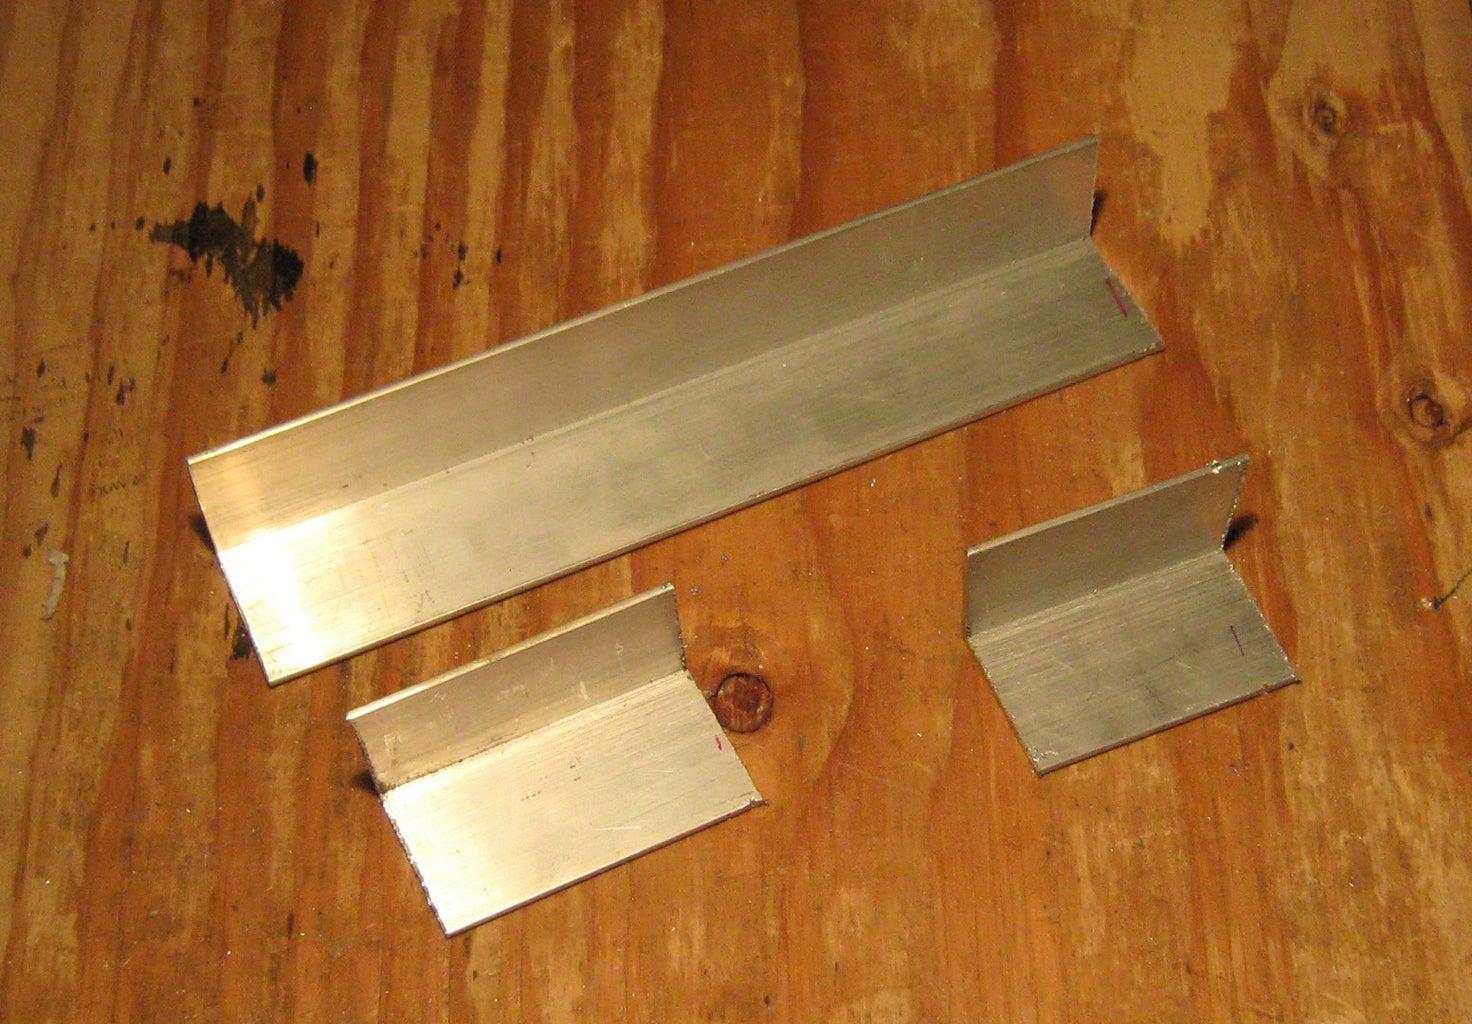 Cut the Aluminum Bars